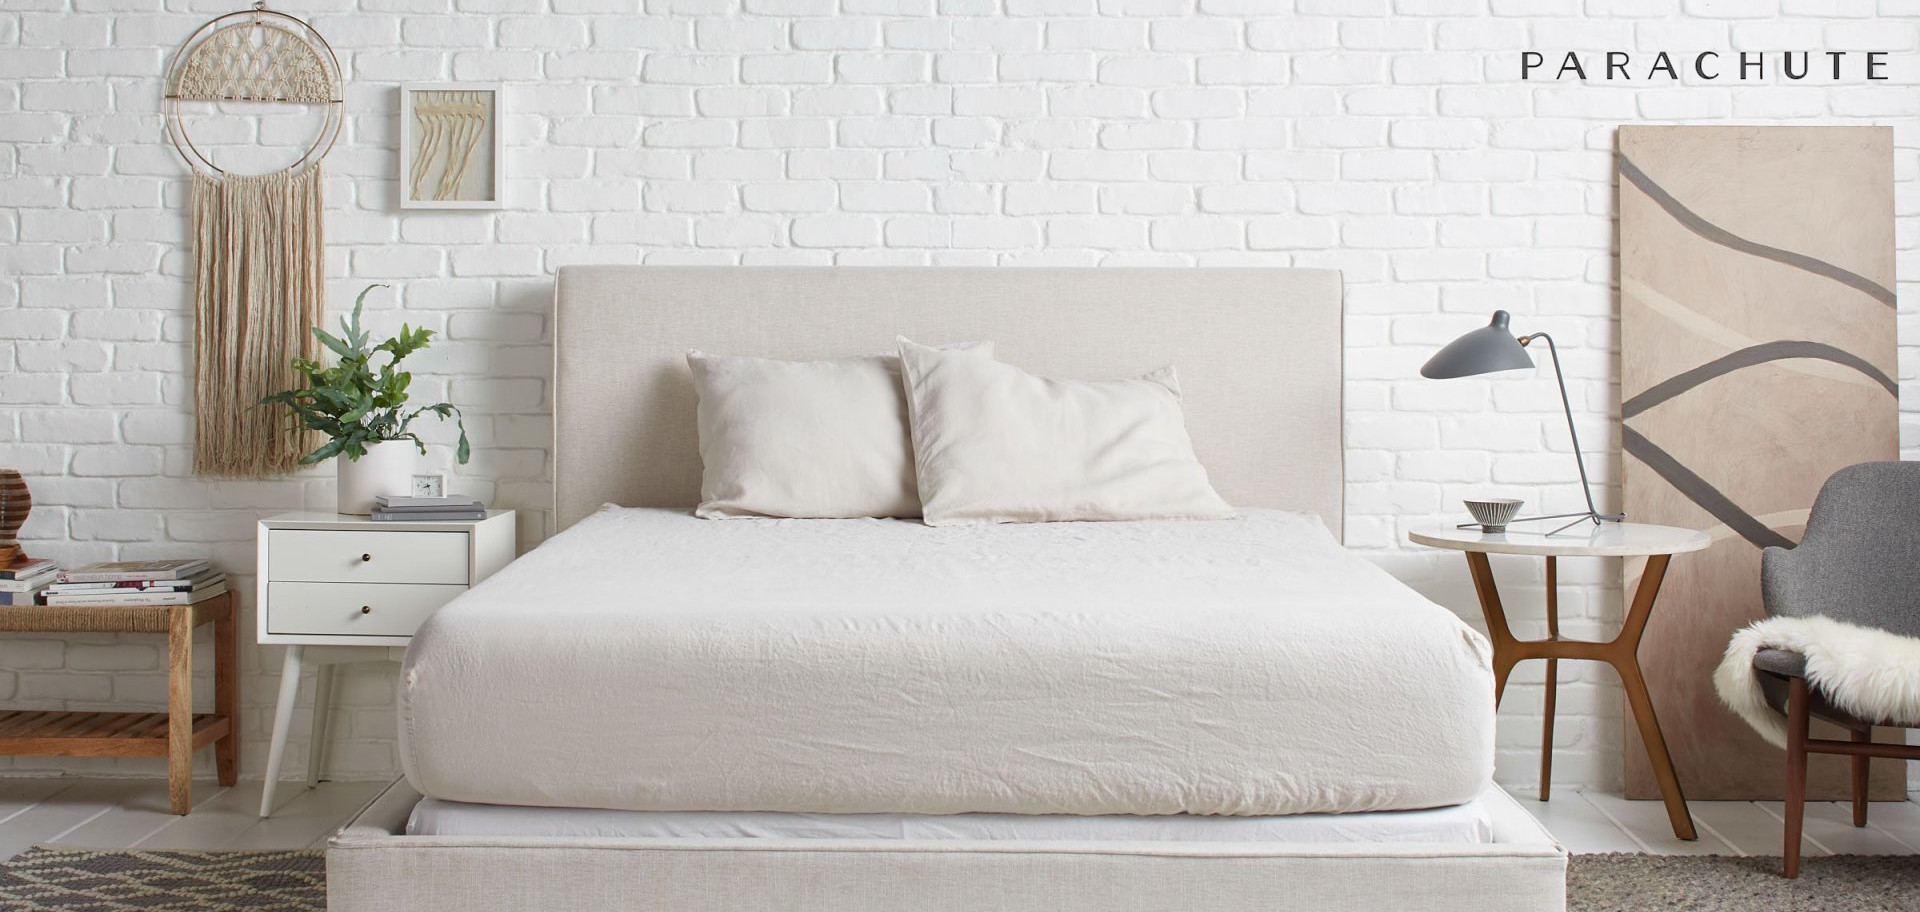 sandy neutral bedding linen from parachute